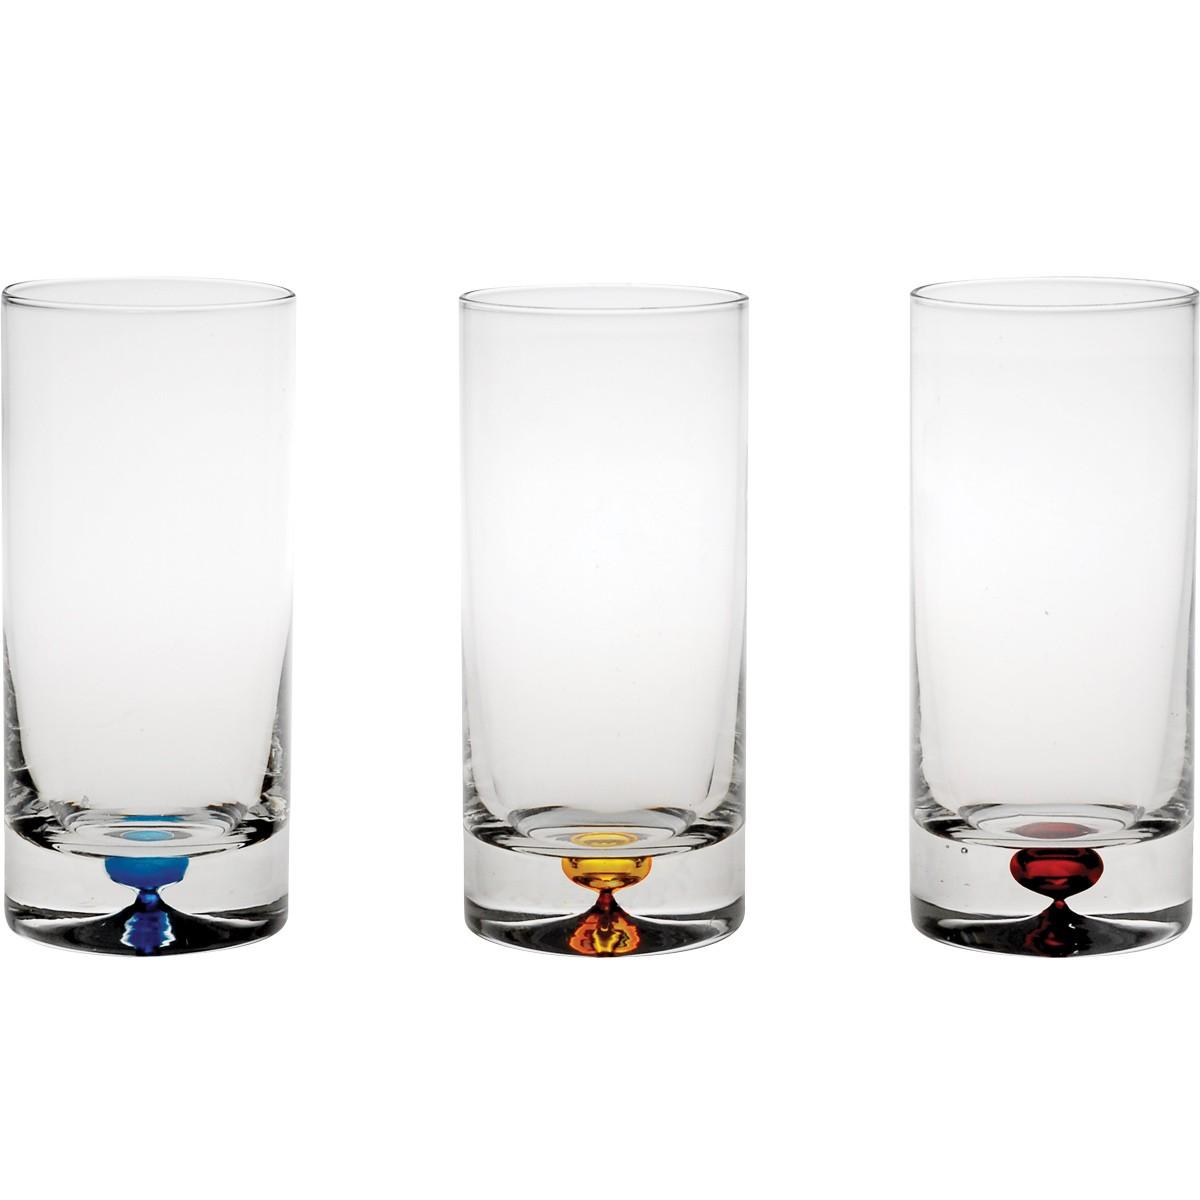 Ποτήρια Νερού Σωλήνας (Σετ 6τμχ) Home Design SXITU/9303 54856